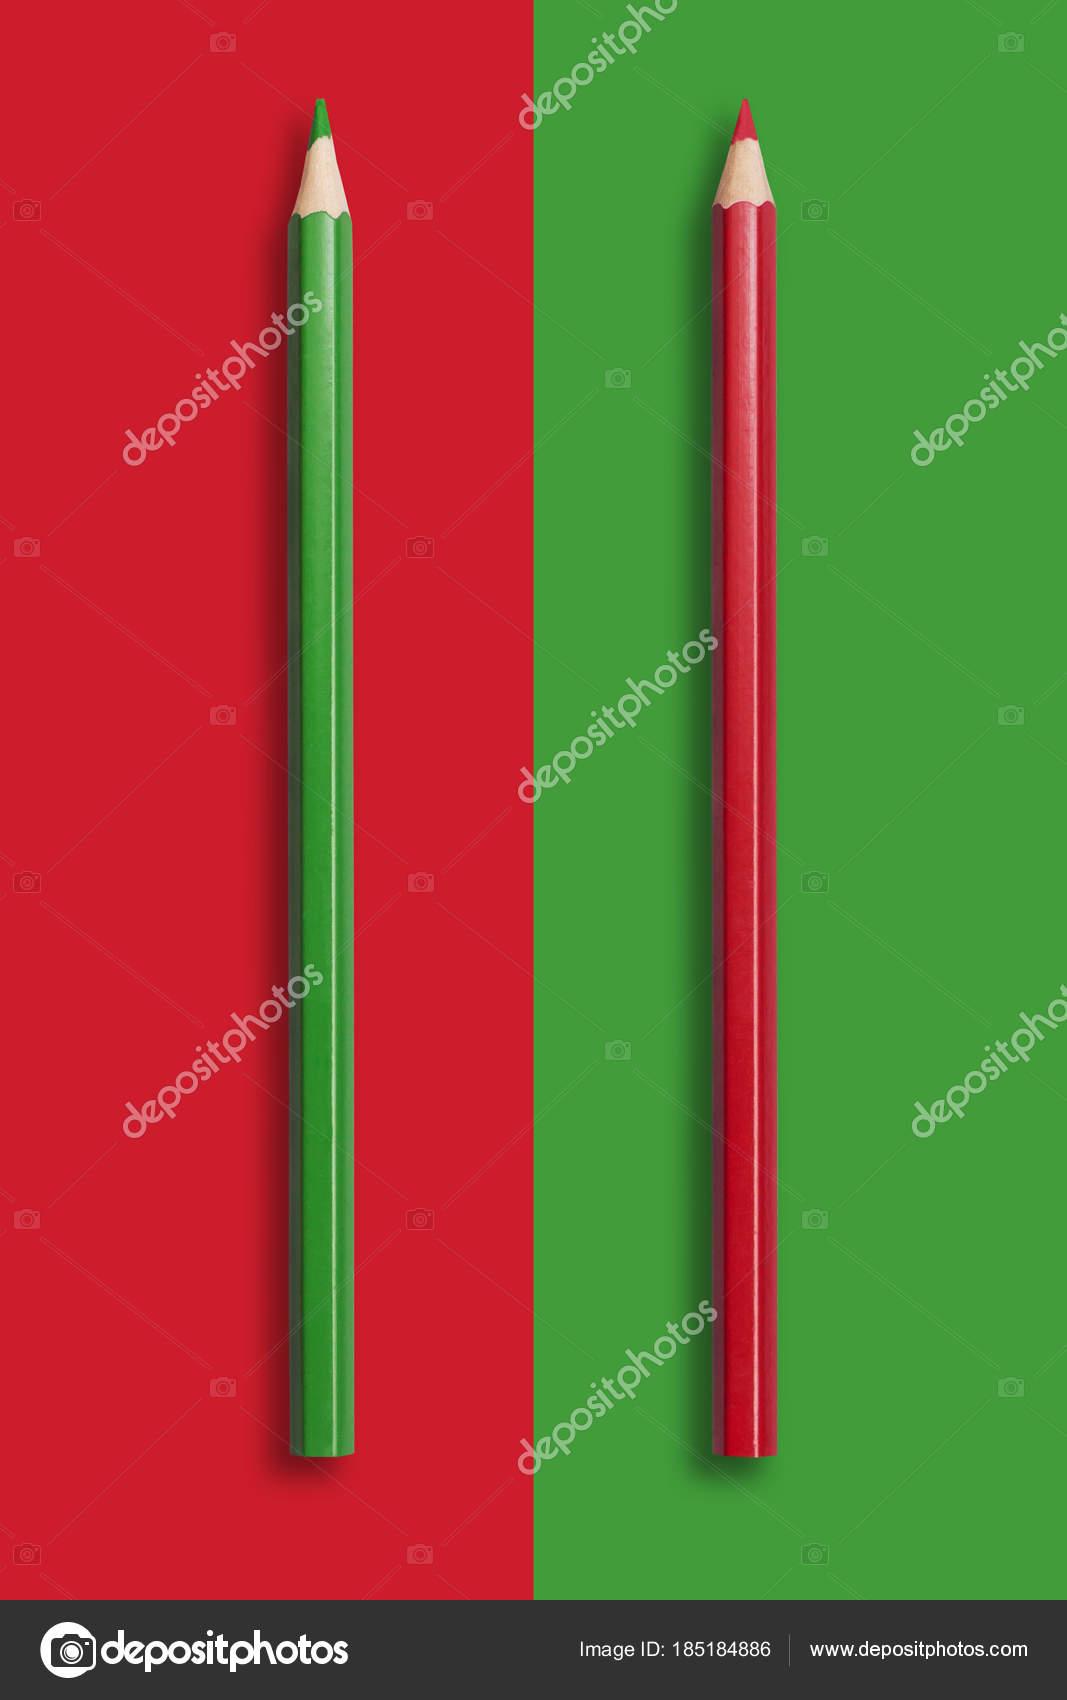 d02be80fcdac Zwei Stifte von Grün und rot auf rot und grün Hintergrund, symb ...